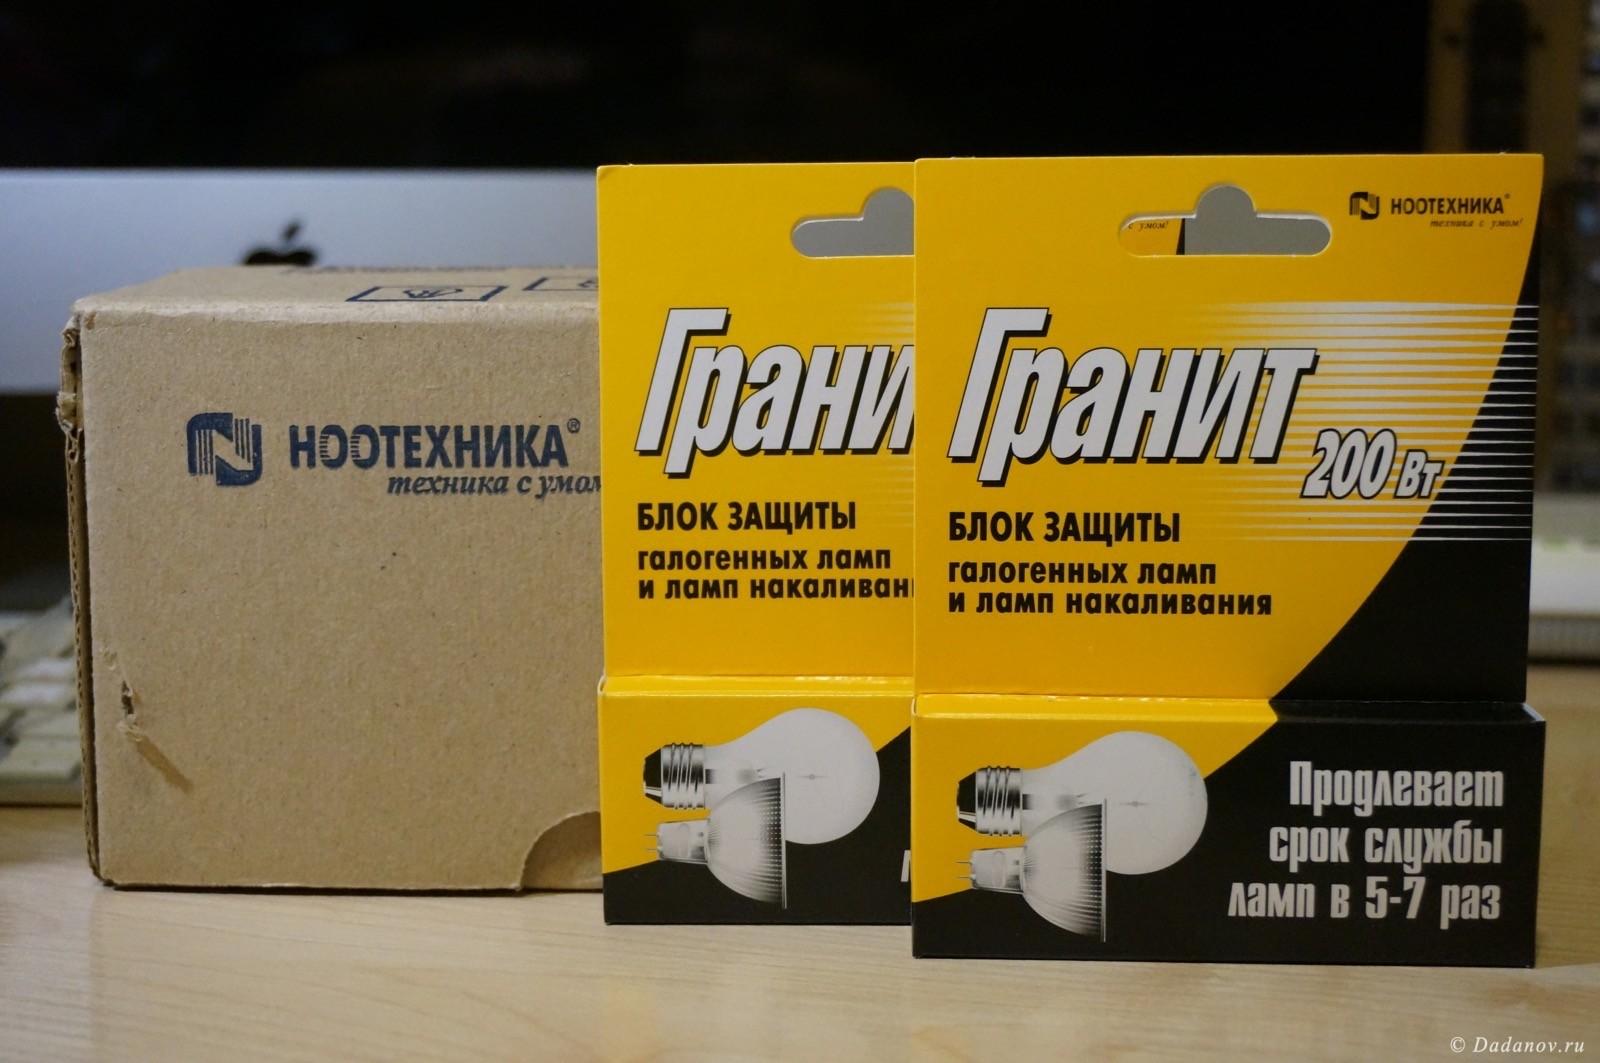 Защита галогенных ламп 220 вольт, плавное включение